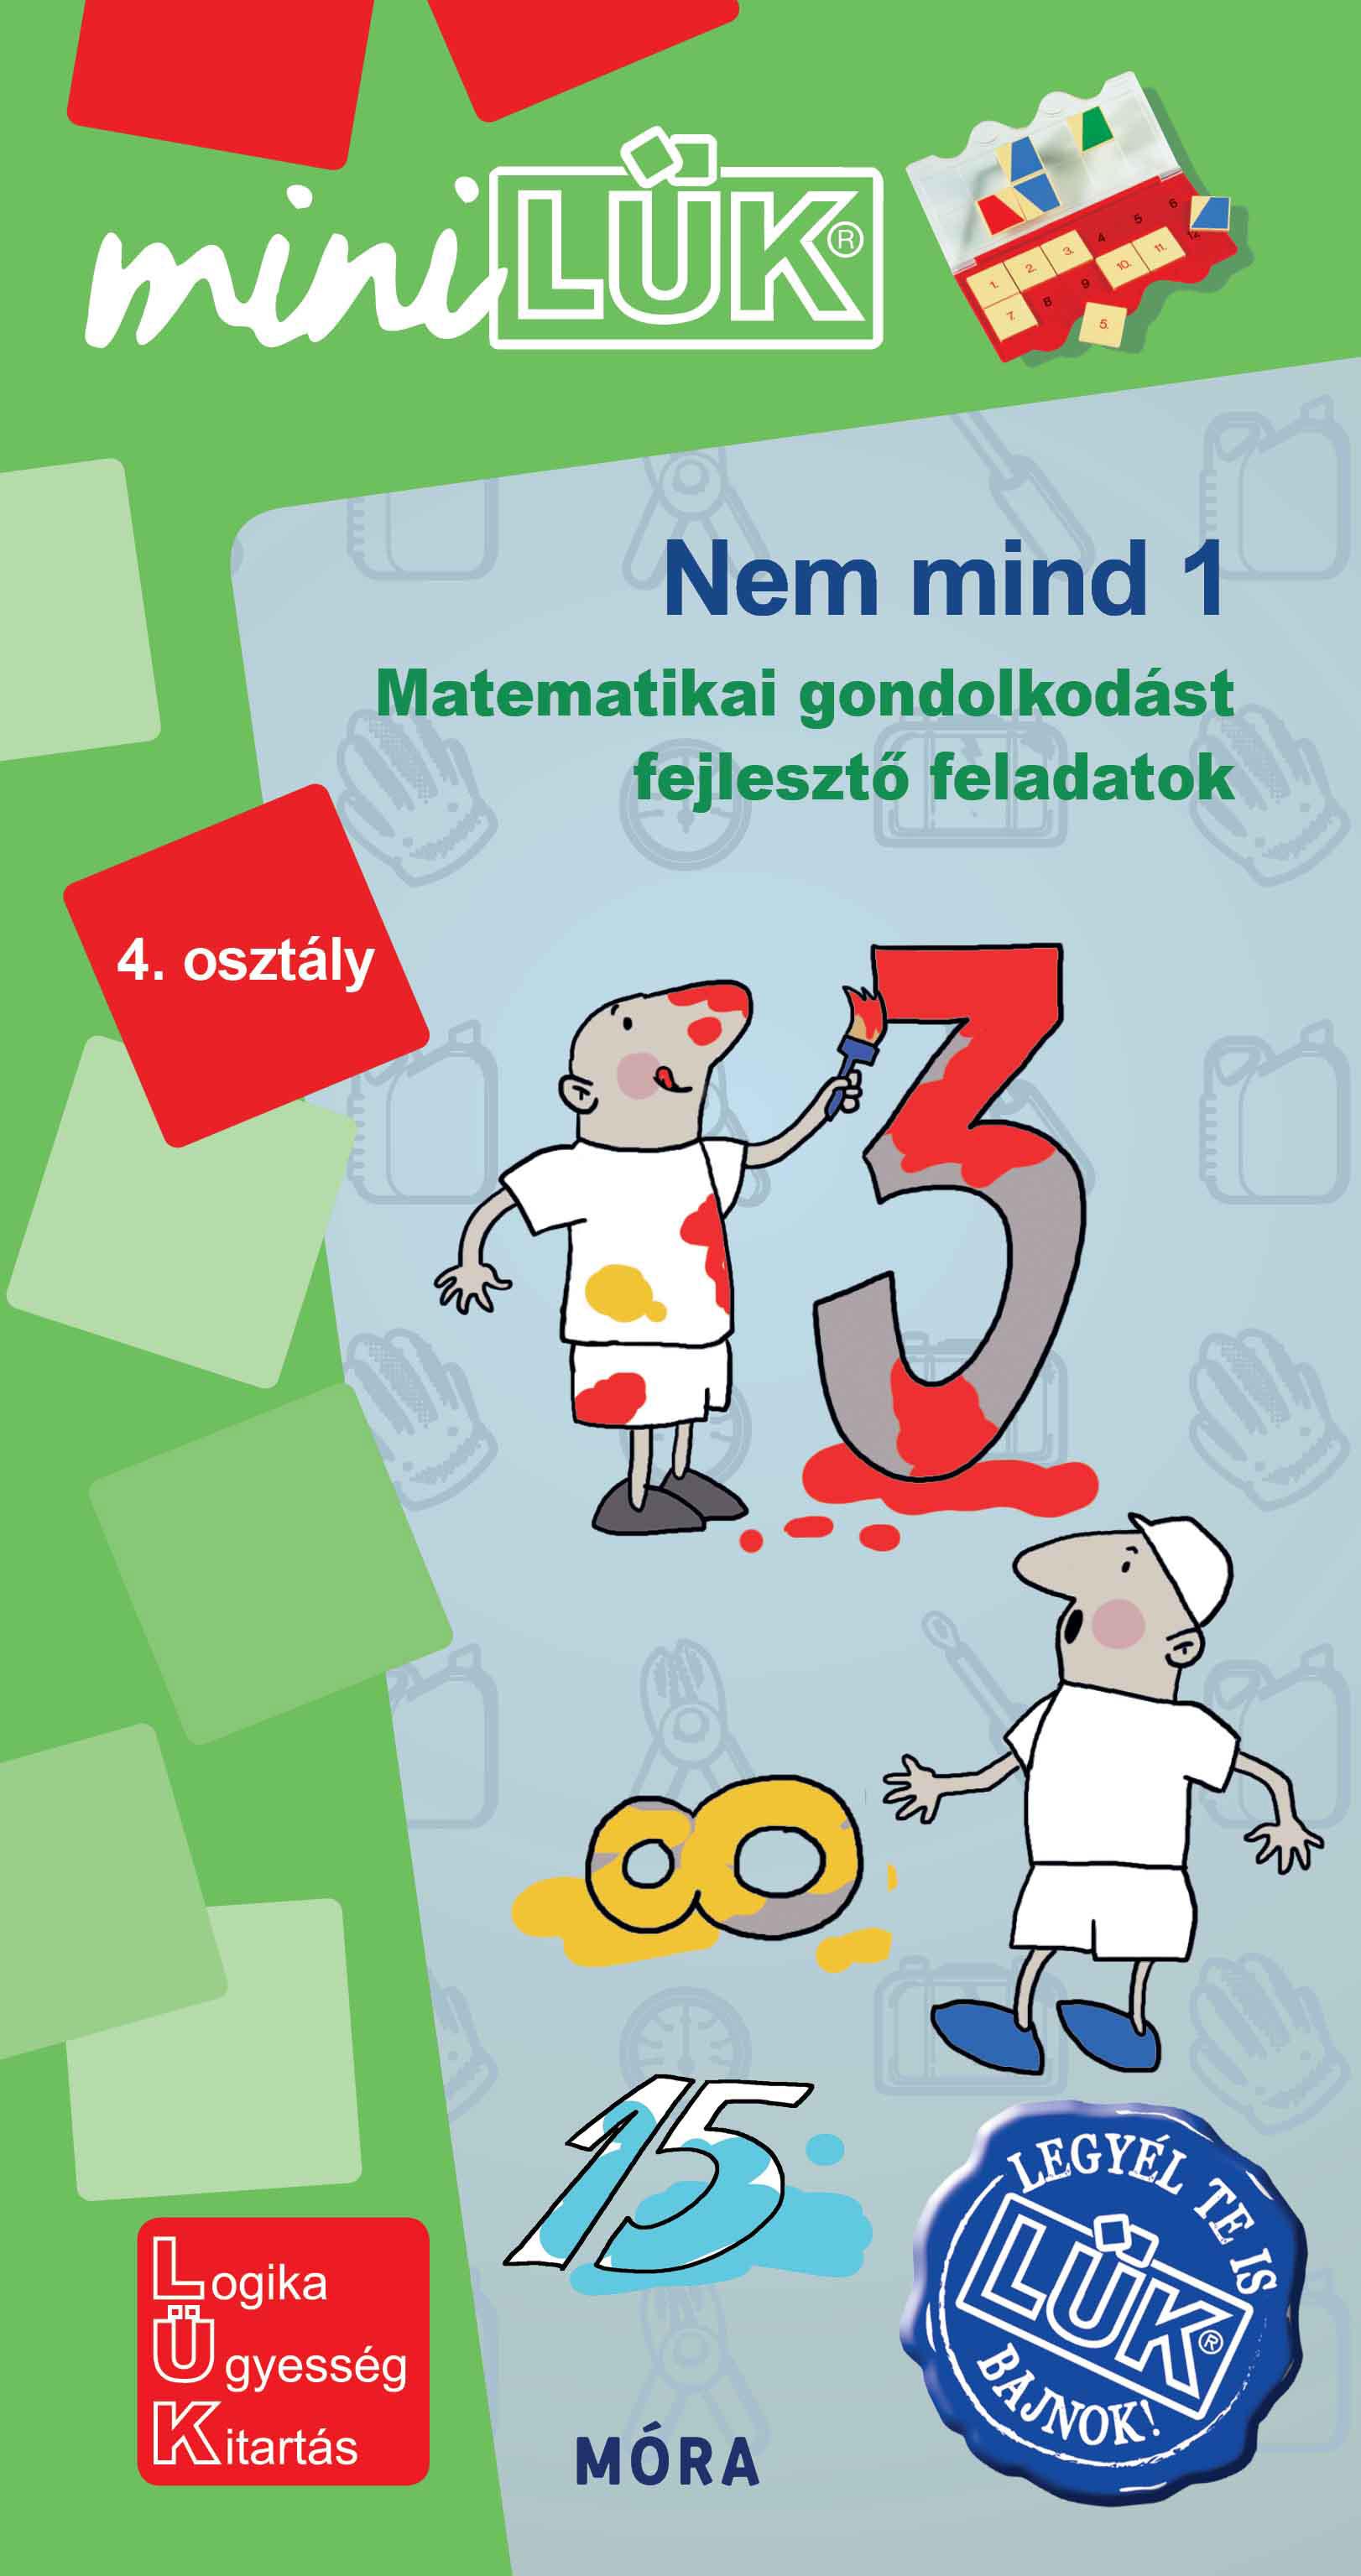 Nem mind 1 - 4. osztály - Matematikai gondolkodást fejlesztő feladatok - miniLÜK